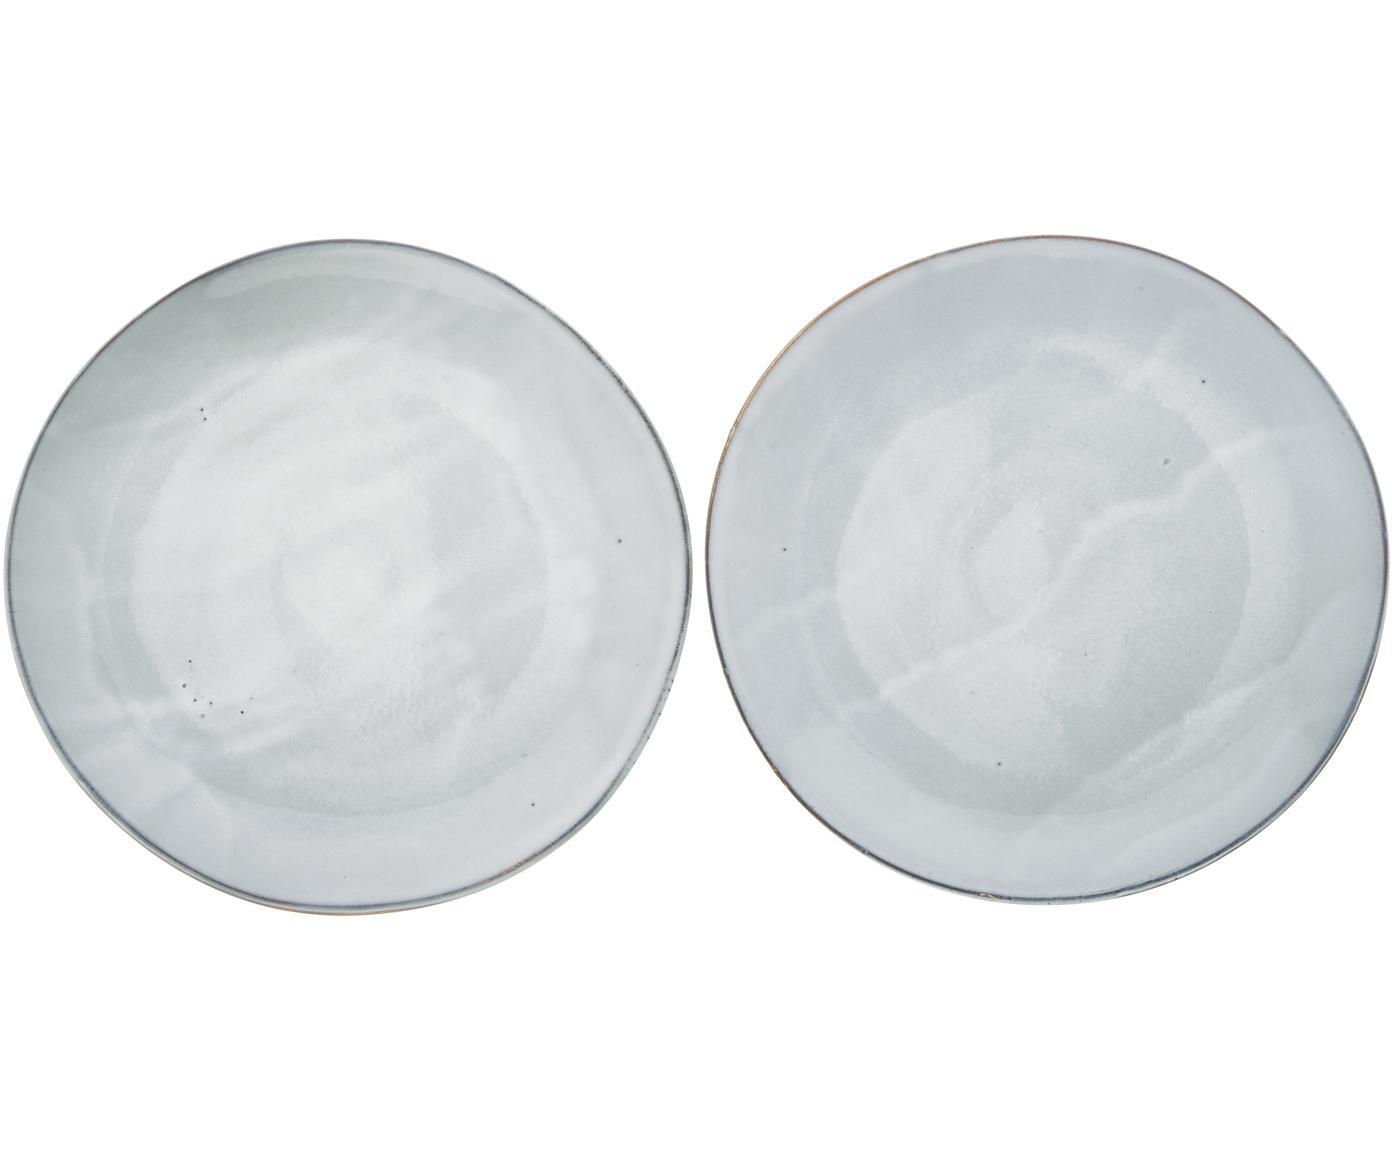 Ręcznie wykonany talerz duży Thalia, 2 szt., Ceramika, Szary z ciemną krawędzią, Ø 27 cm